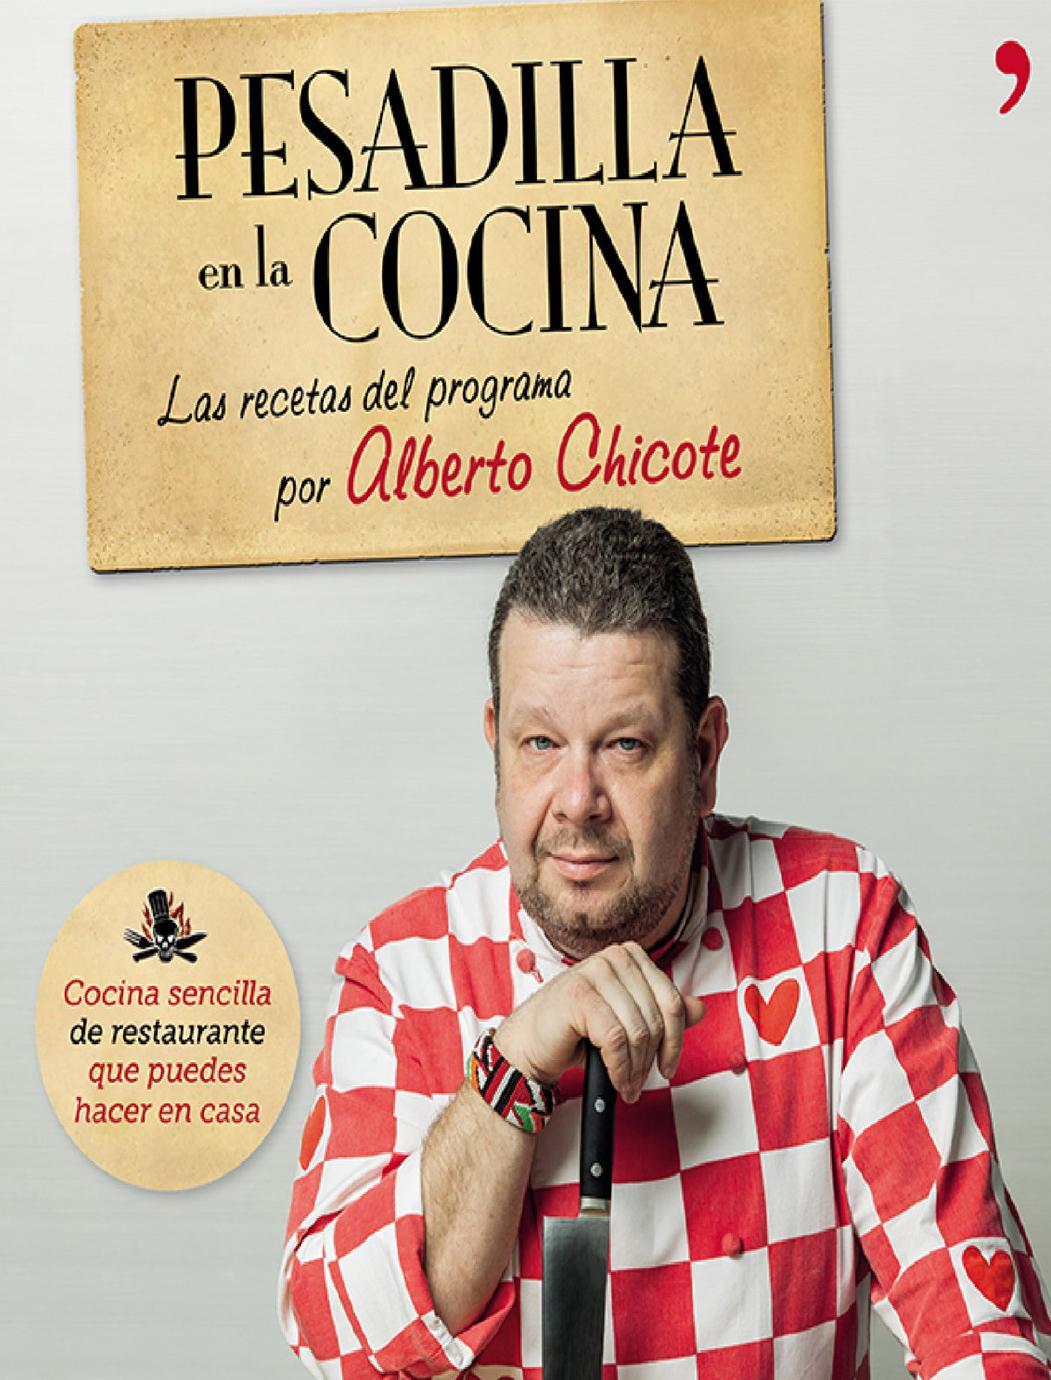 Alberto chicote pesadilla en la cocina 1 by txema issuu for Pesadilla en la cocina sukur